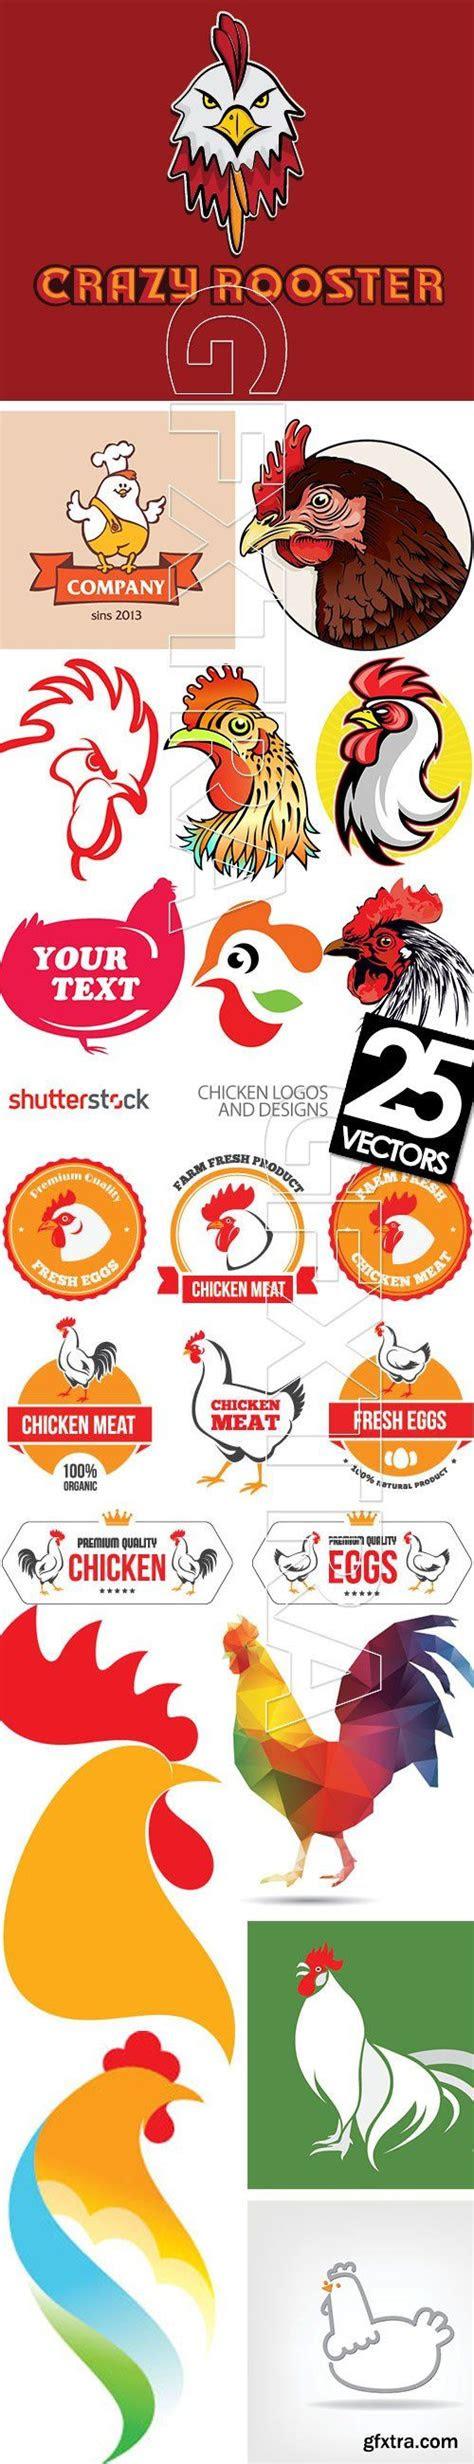 chicken logos designs xeps ads pinterest design